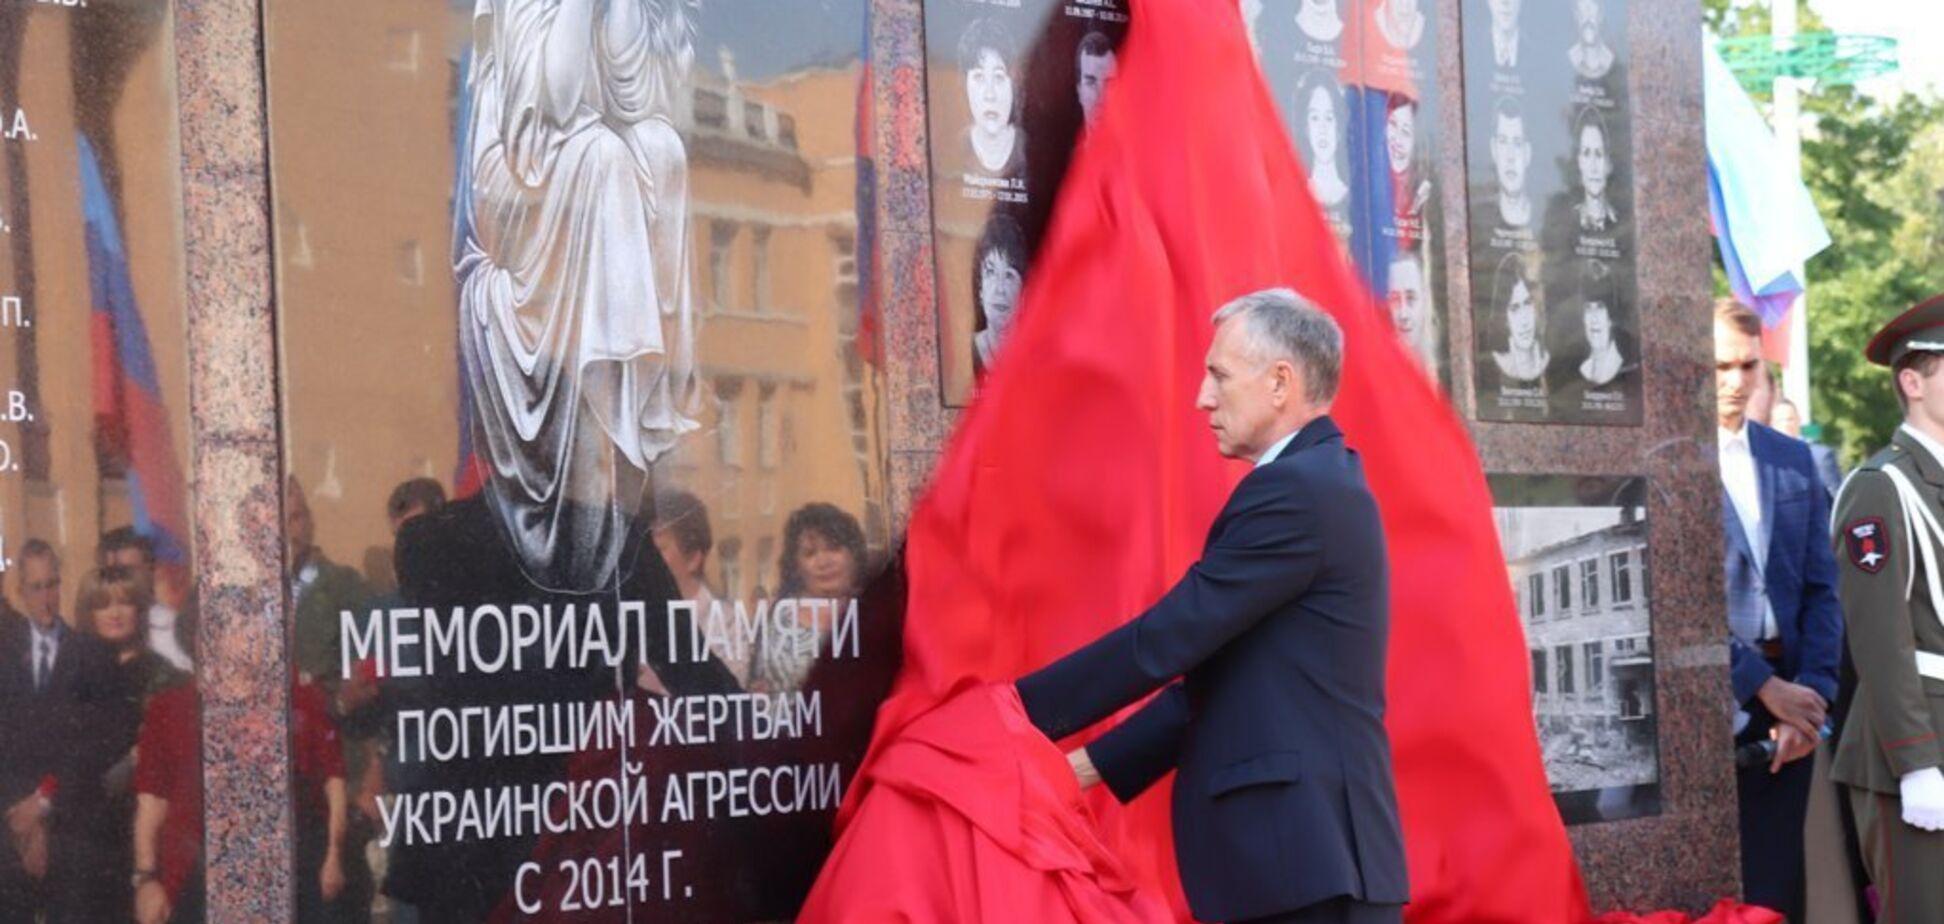 У 'ЛНР' відкрили пам'ятник 'українськійагресії'